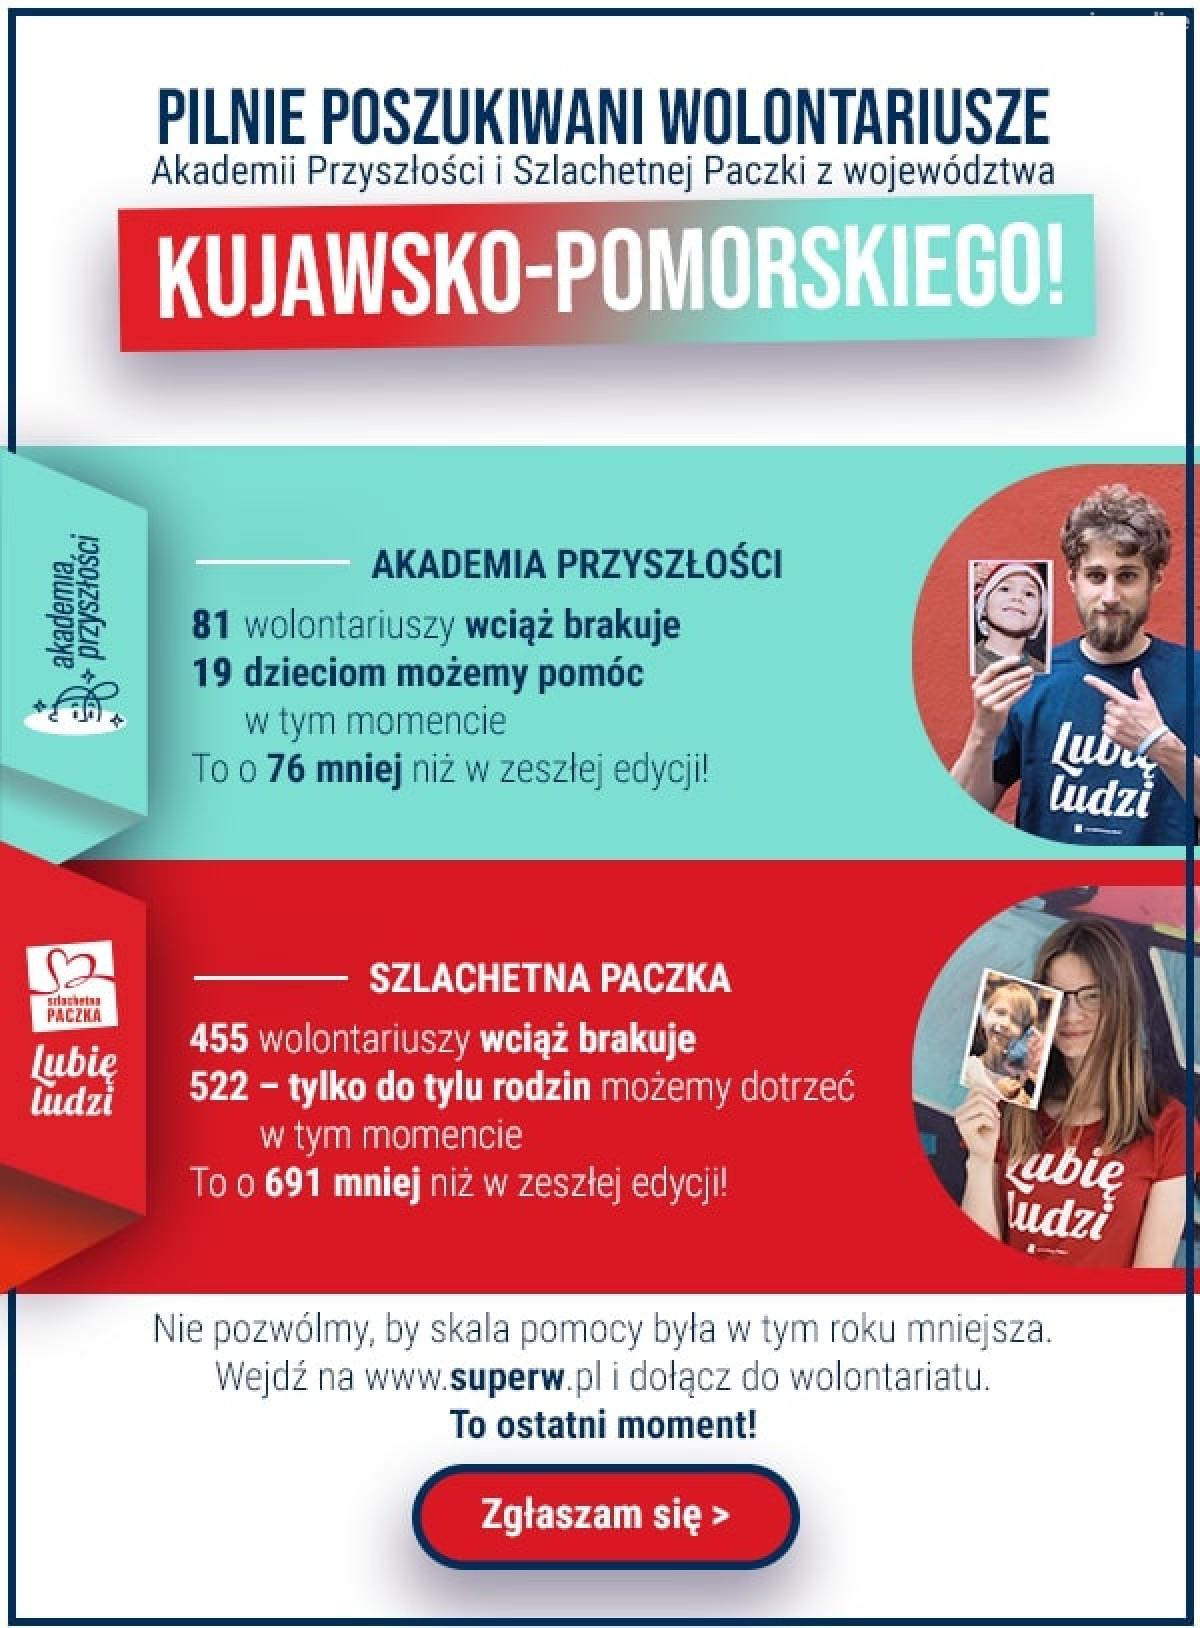 paczka_akademia_szukamy_wolontariuszy_2021_09_21_wojewodztwo_kujawsko_pomorskie